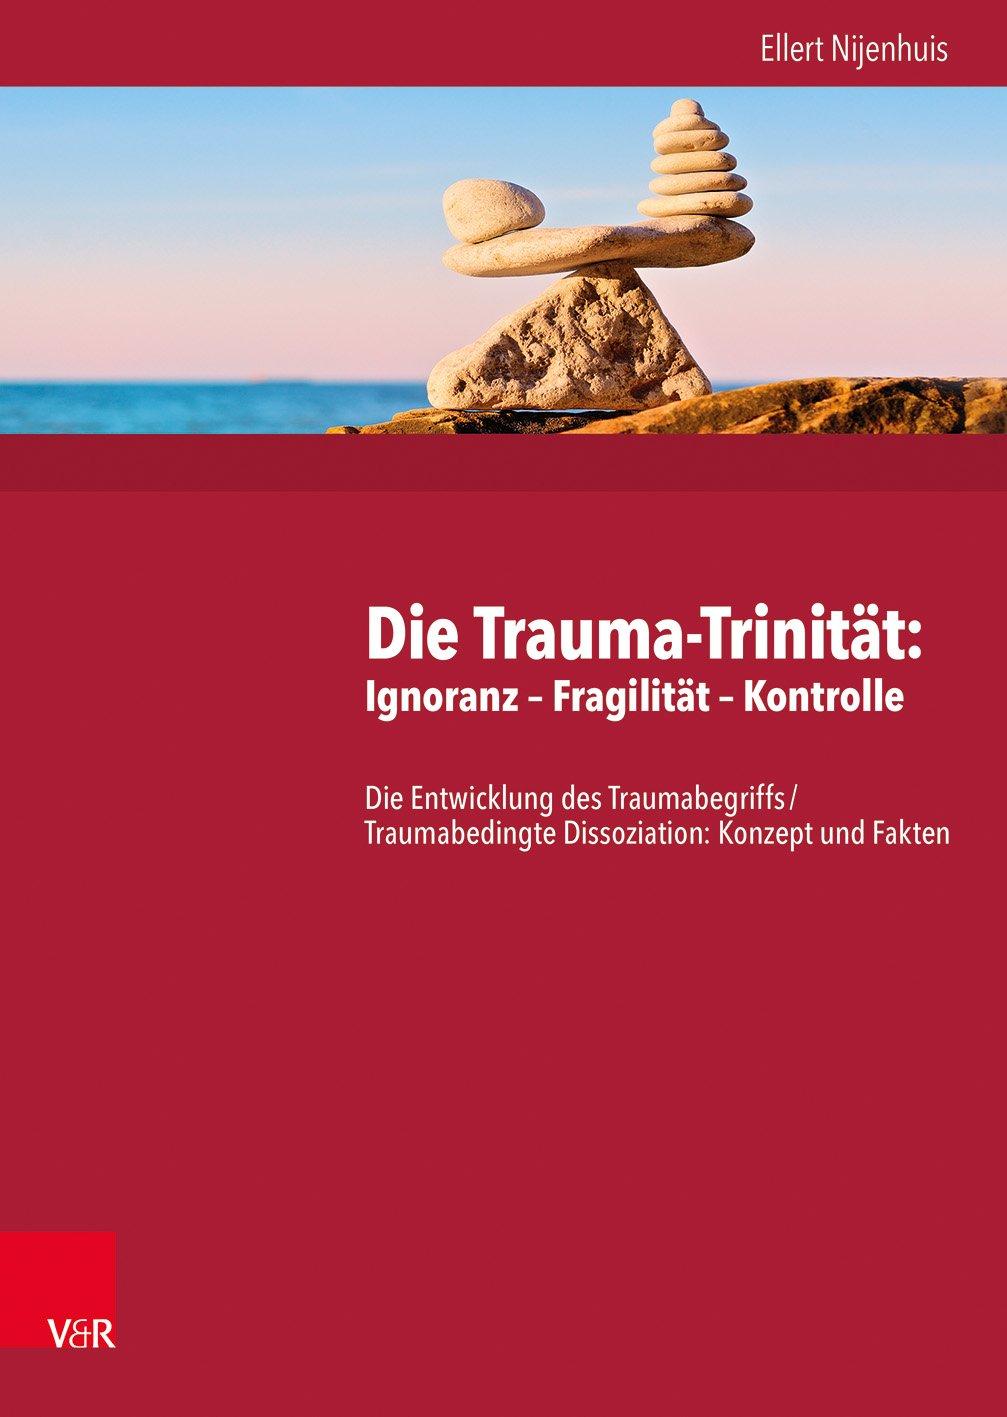 Die Trauma-Trinität: Ignoranz - Fragilität - Kontrolle. Buchpaket dt.